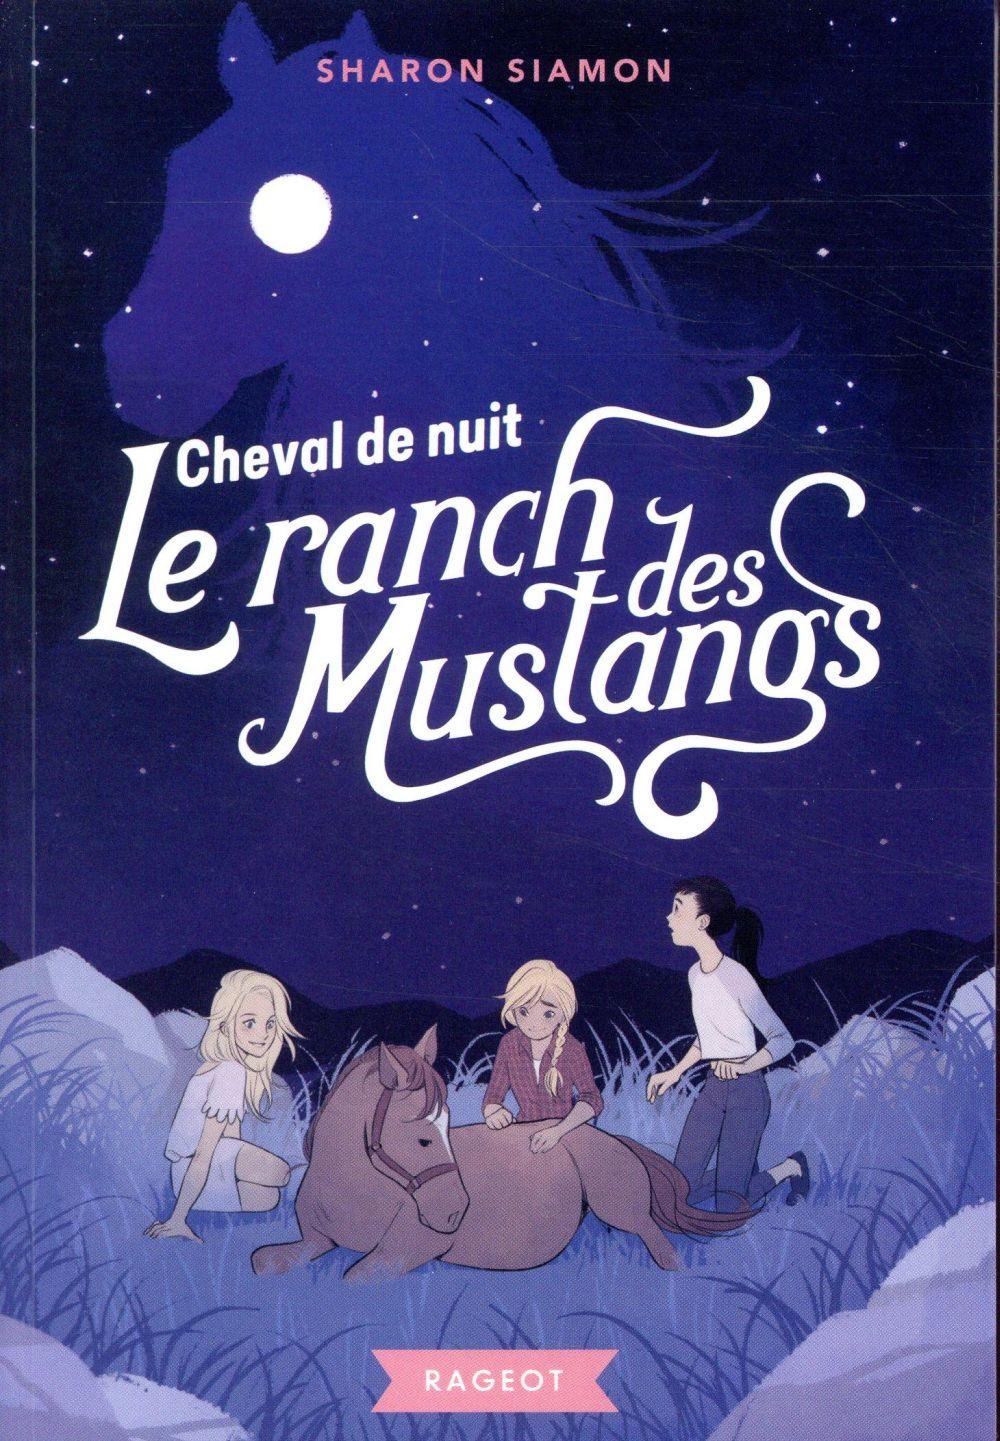 LE RANCH DES MUSTANGS  - CHEVAL DE NUIT - T3 SIAMON SHARON